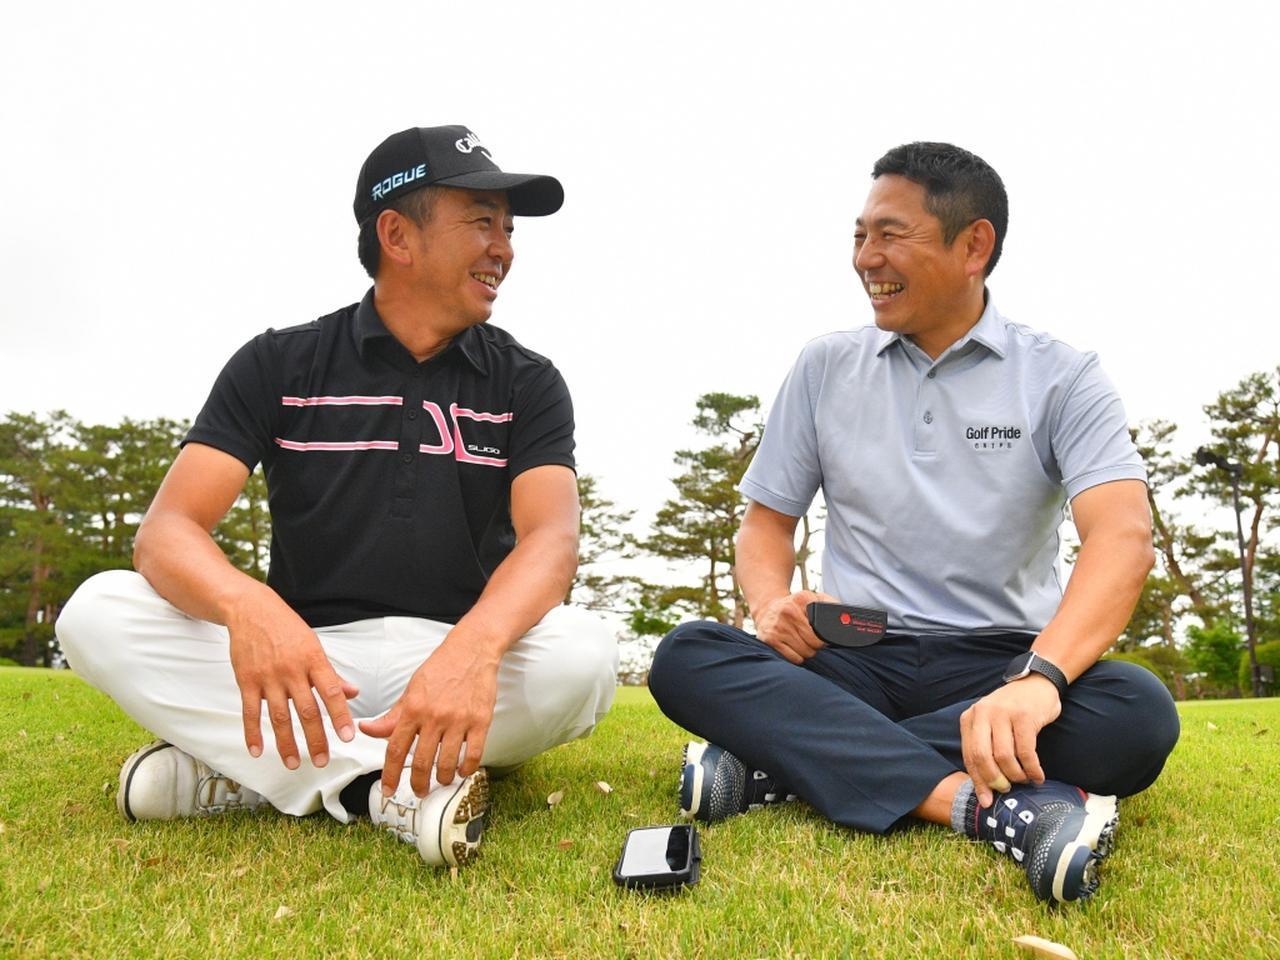 画像: 左がヘッドプロの齊藤拓也プロ。「もともとショットの技術は高いものを持っていたんです。それを生かすためにも、マネジメントが大事だという話はしました。彼の実力で勝ち取ったクラブチャンピオンですよ」(齊藤)